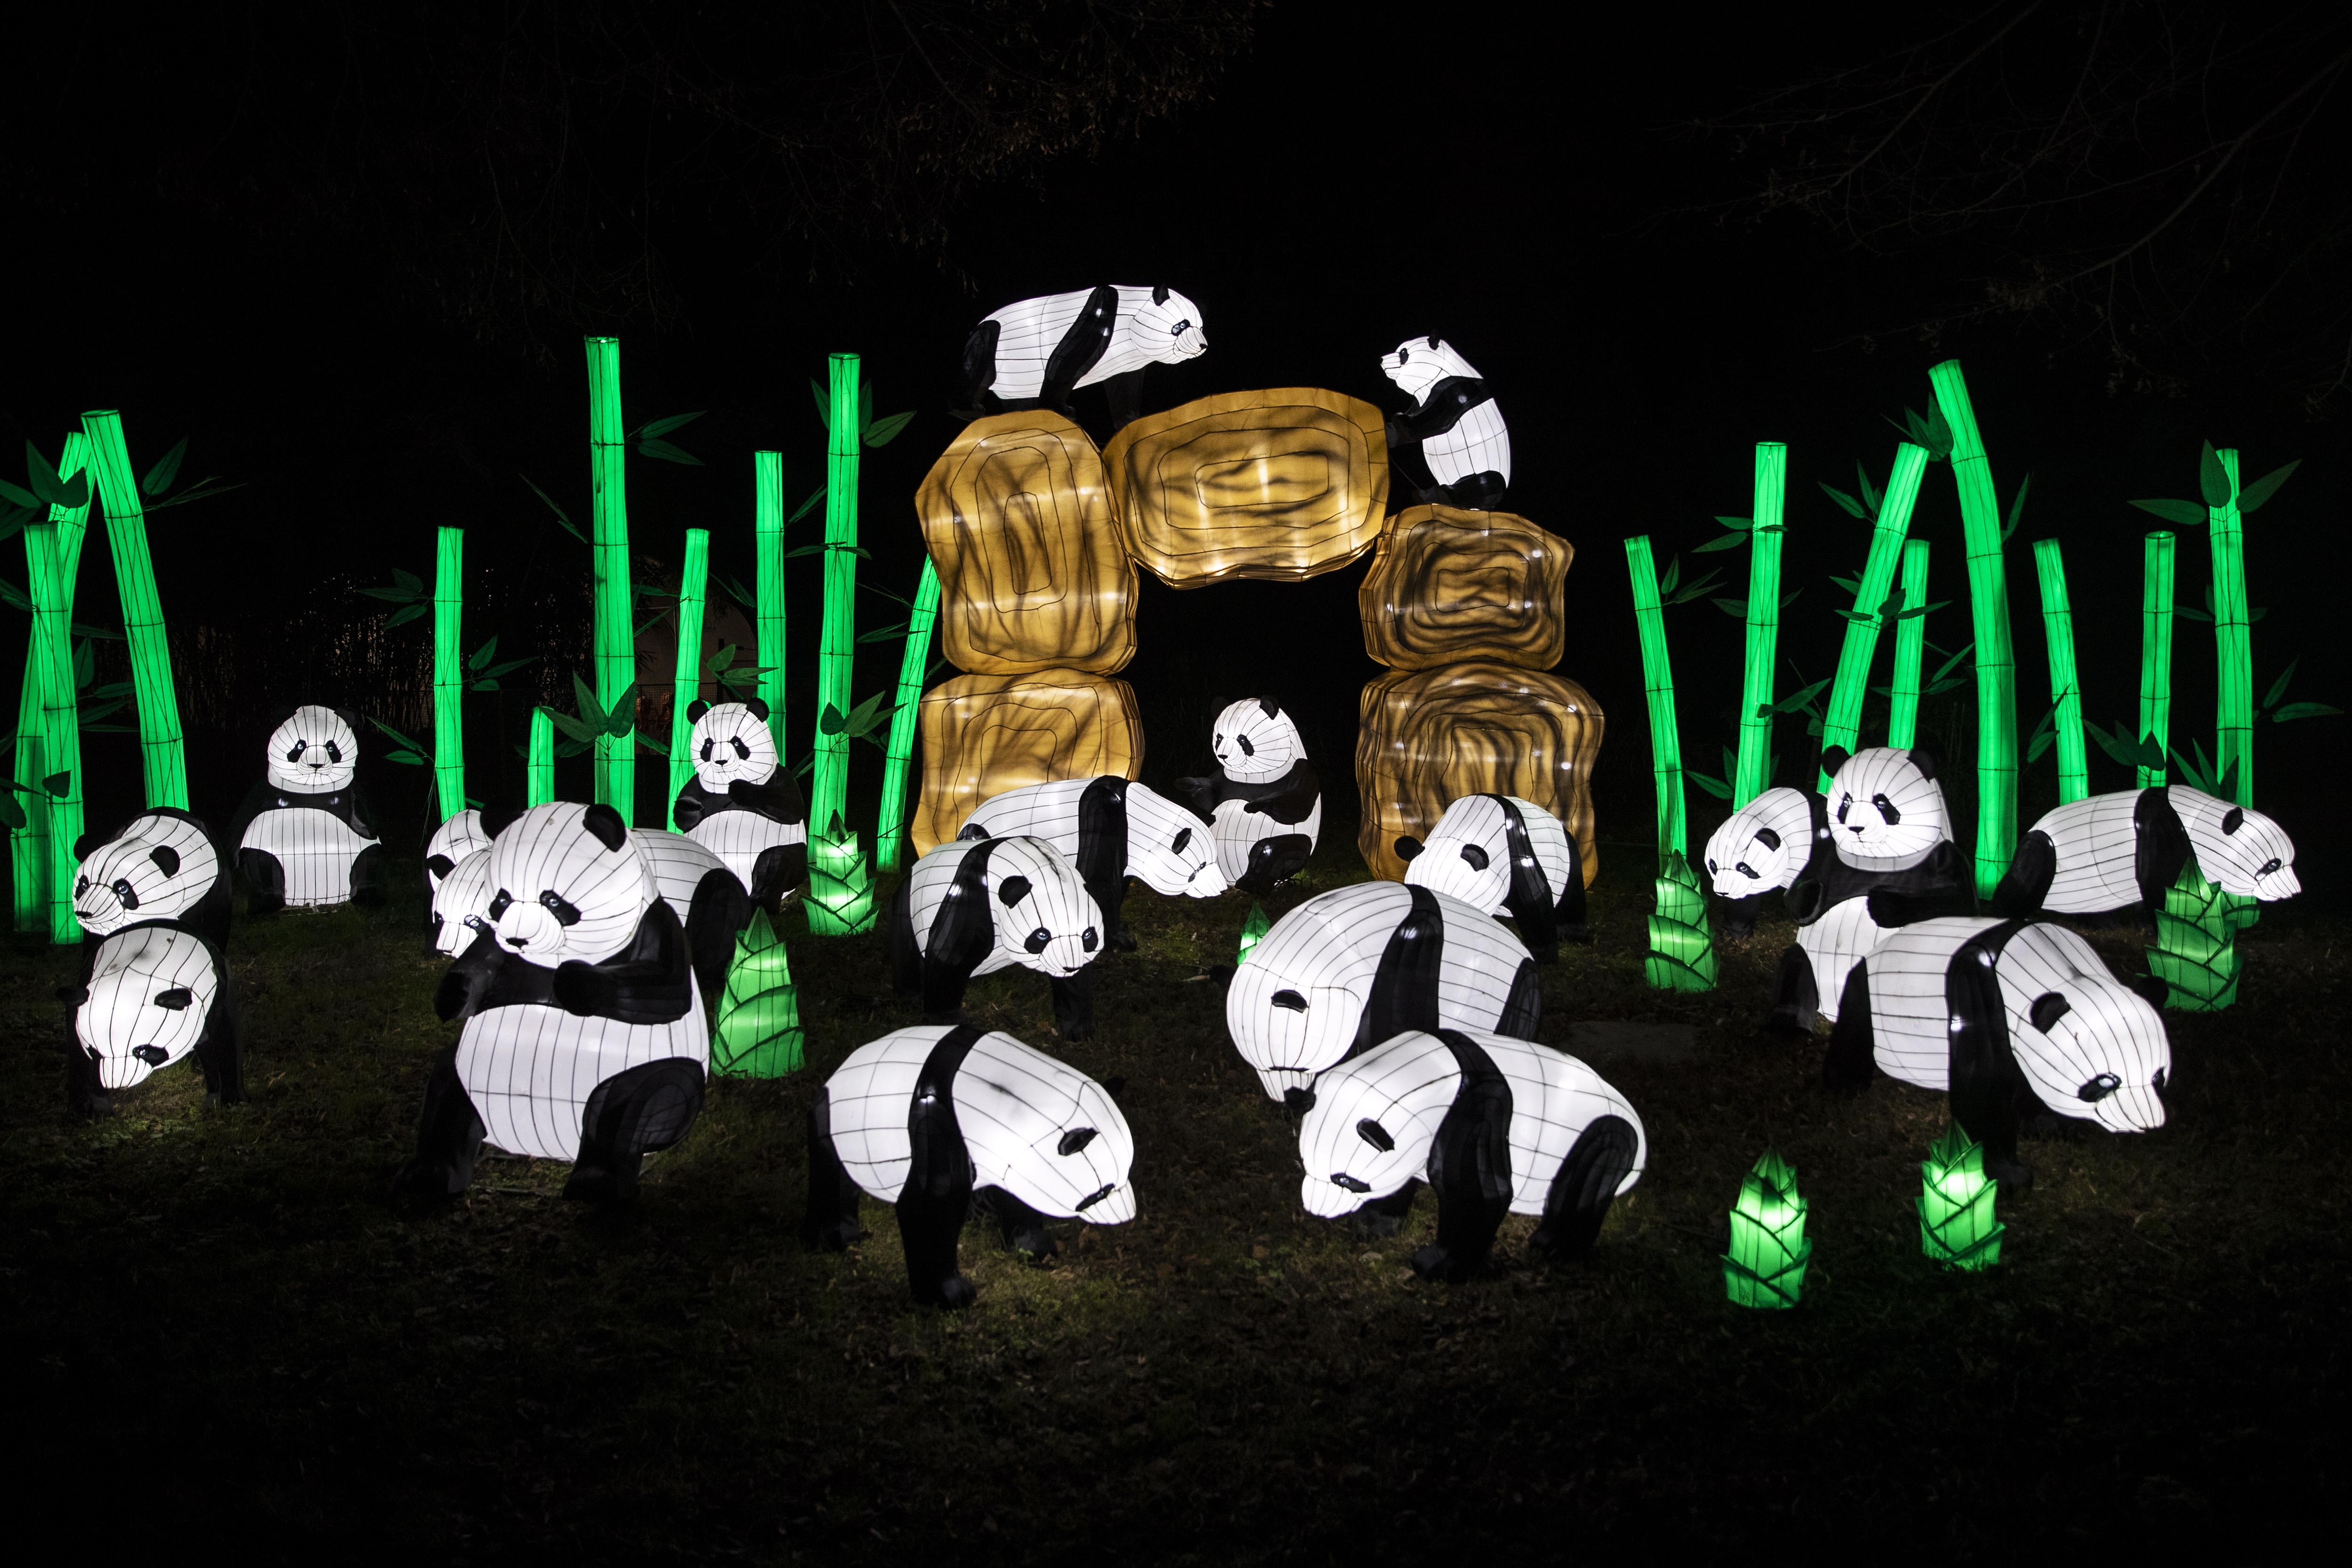 巴黎举办濒危动物彩灯展